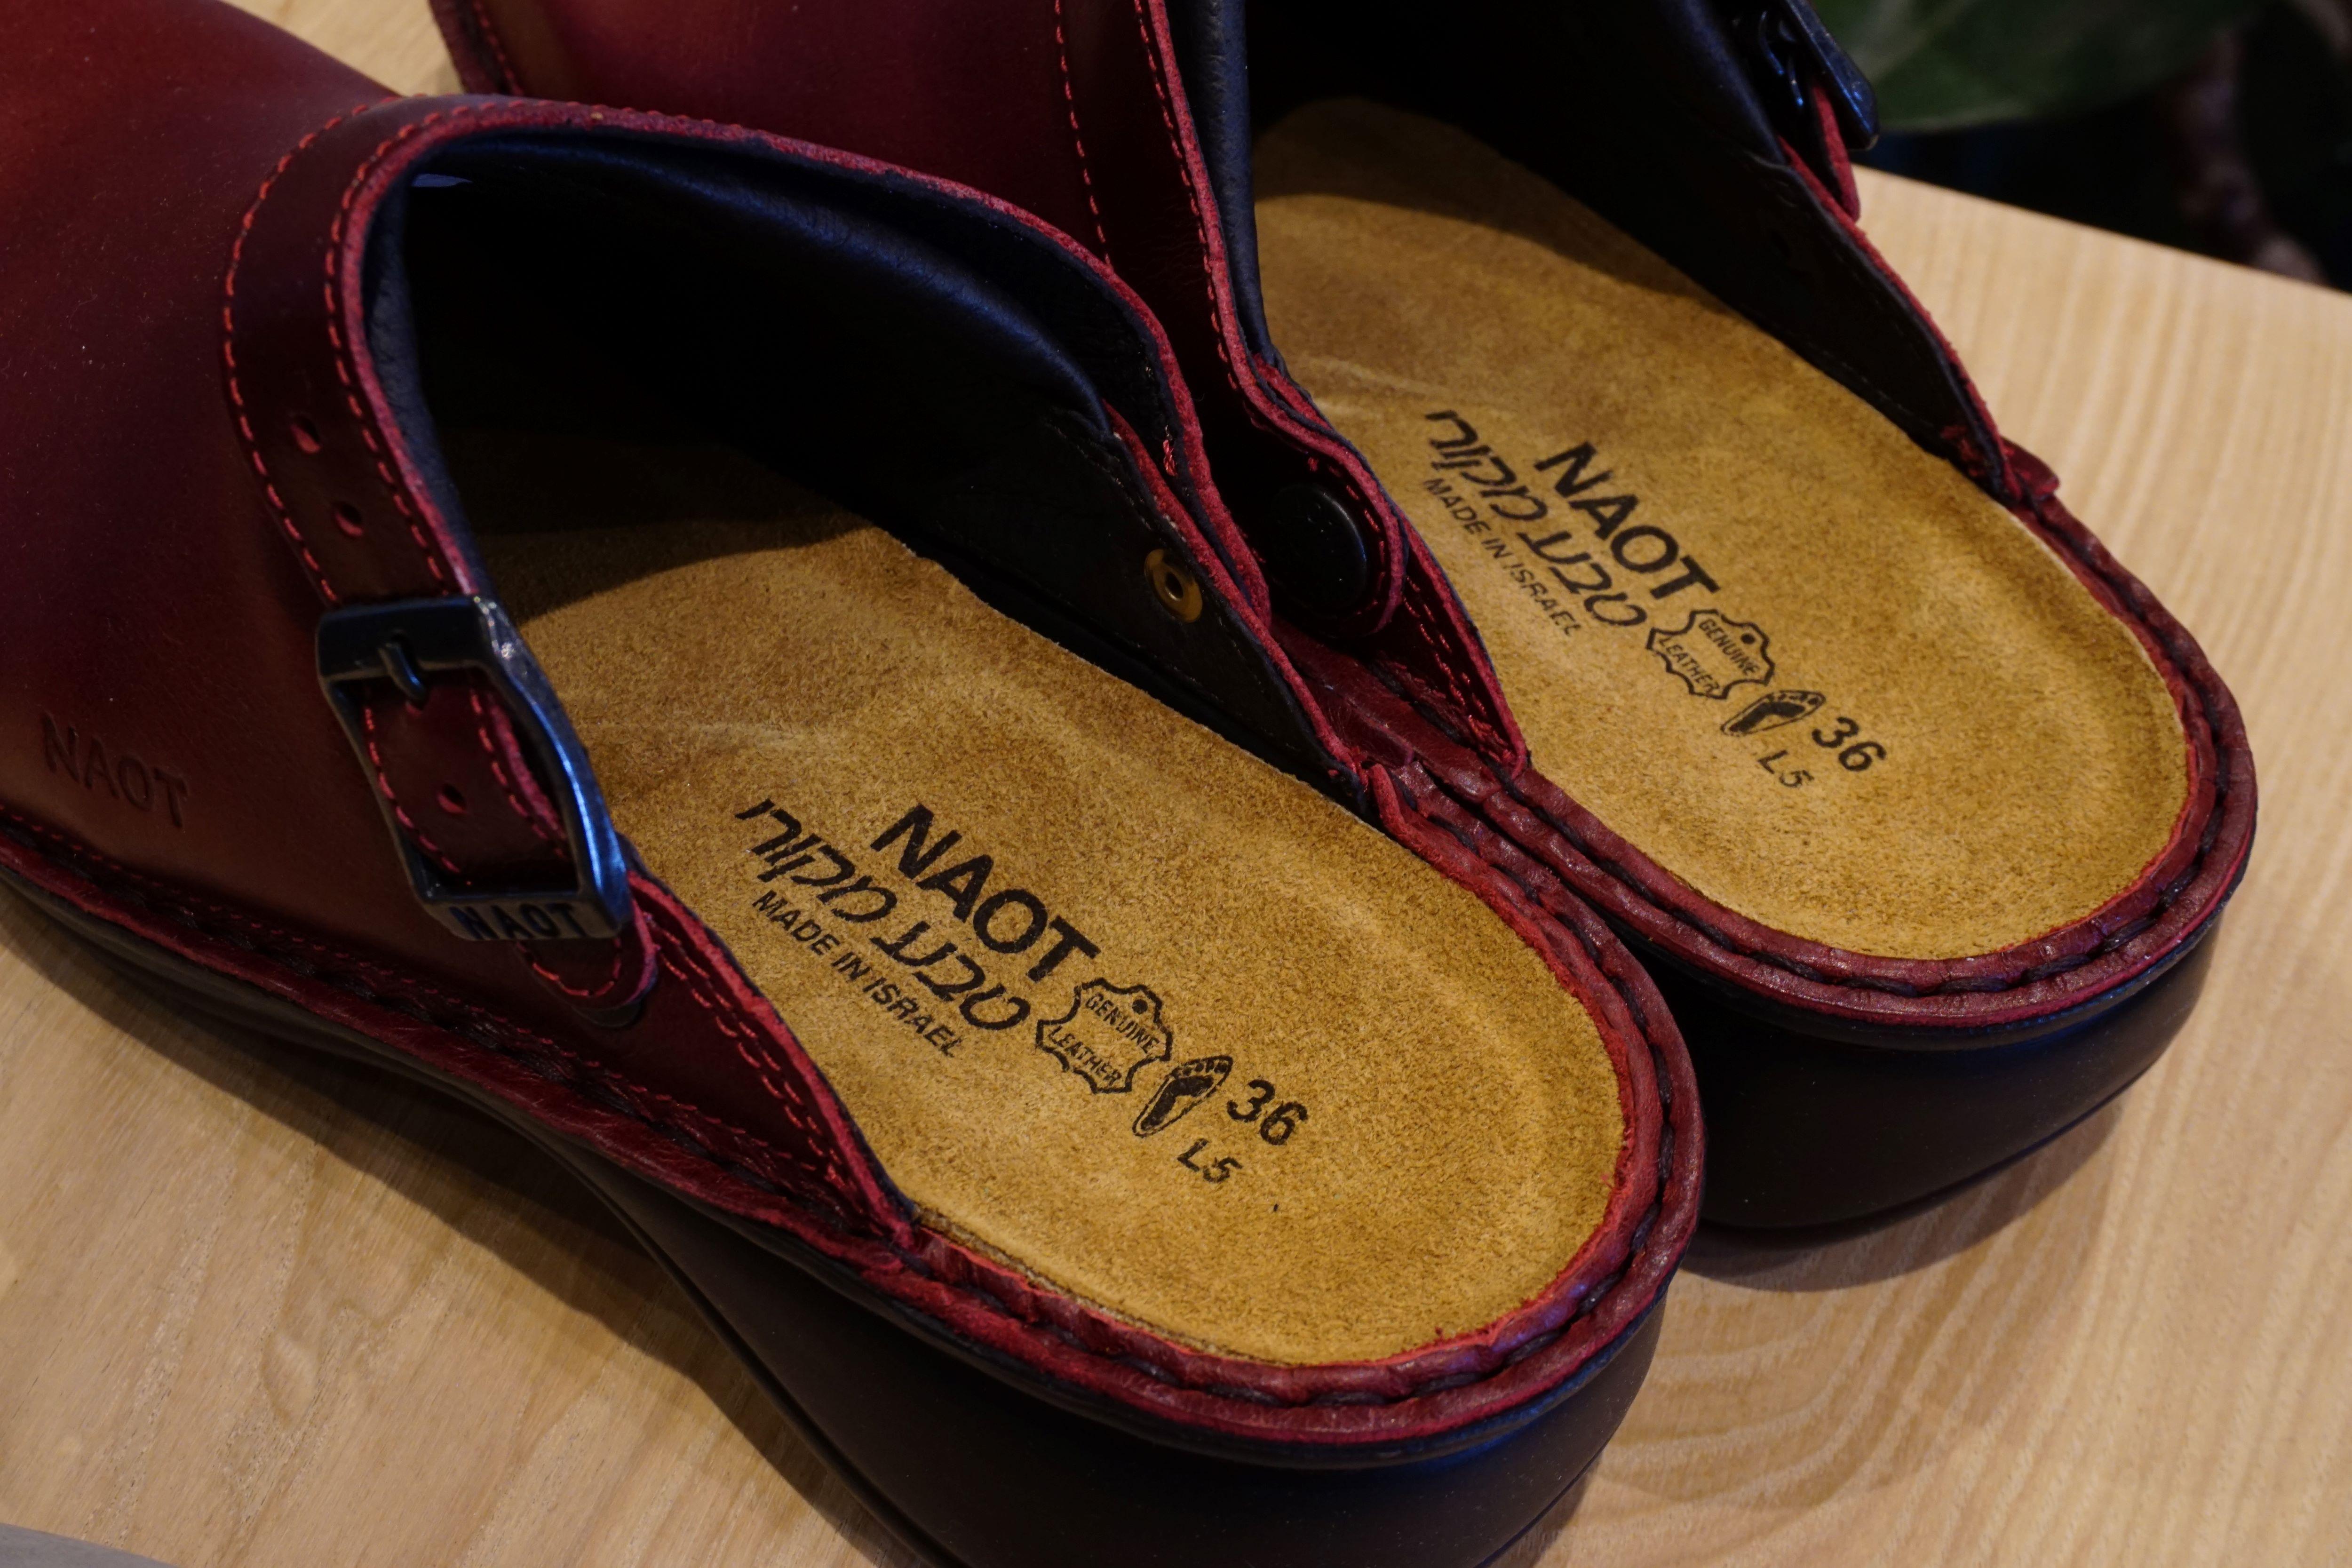 毎日の「歩く」が嬉しくなる靴さがし。革靴のお店「NAOT AICHI」が新しくオープン。 - DSC00929 1